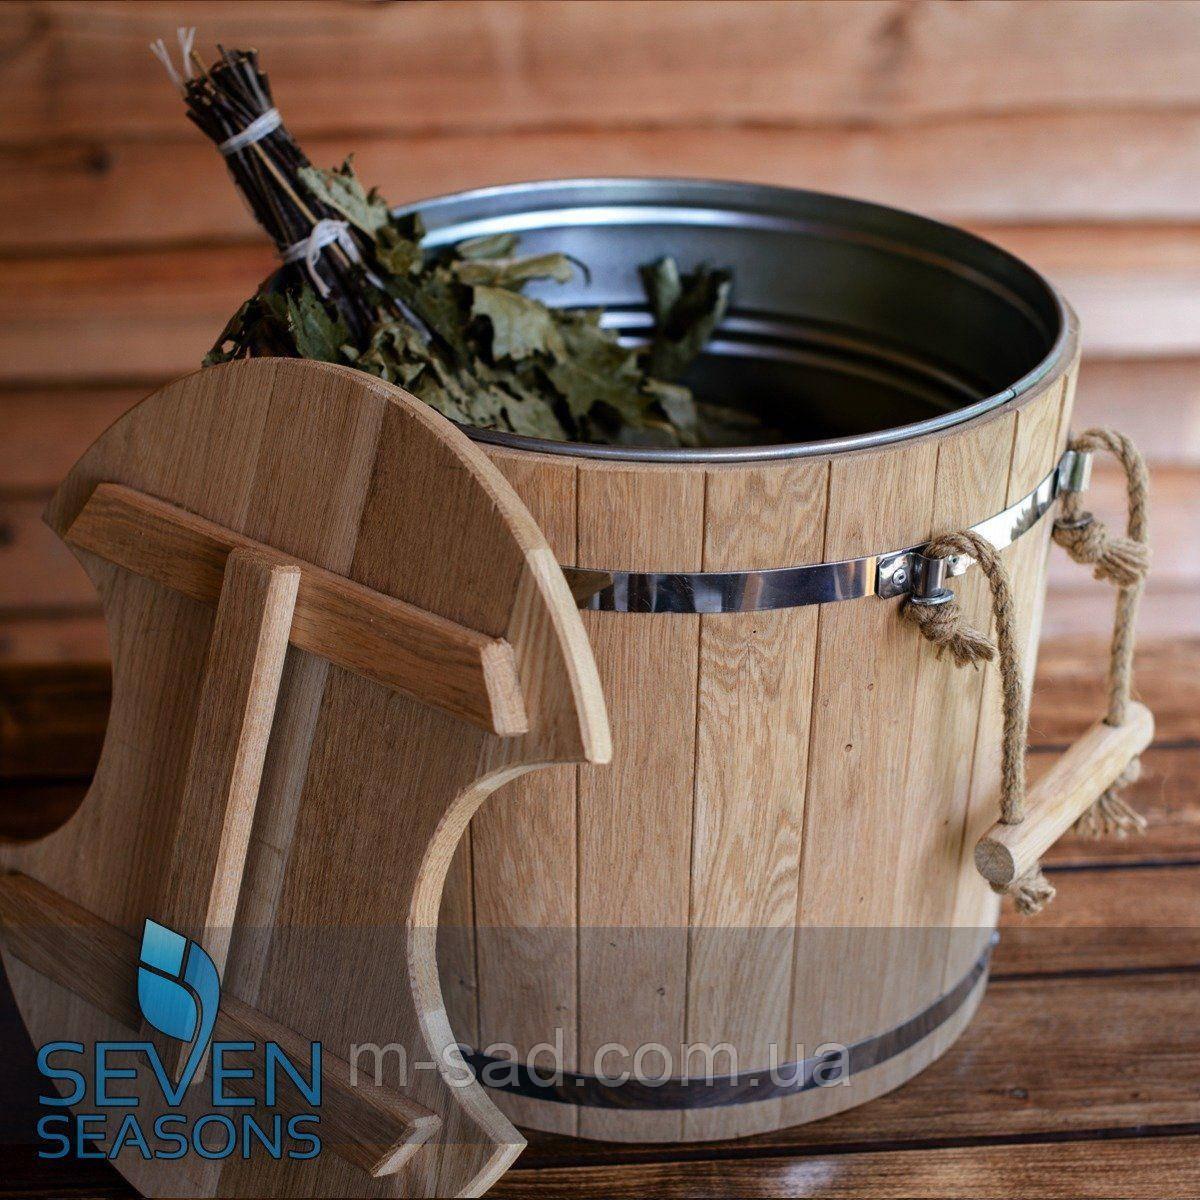 Запарник для веников дубовый Seven Seasons™ Expert с оцинкованной вставкой, 25 литров